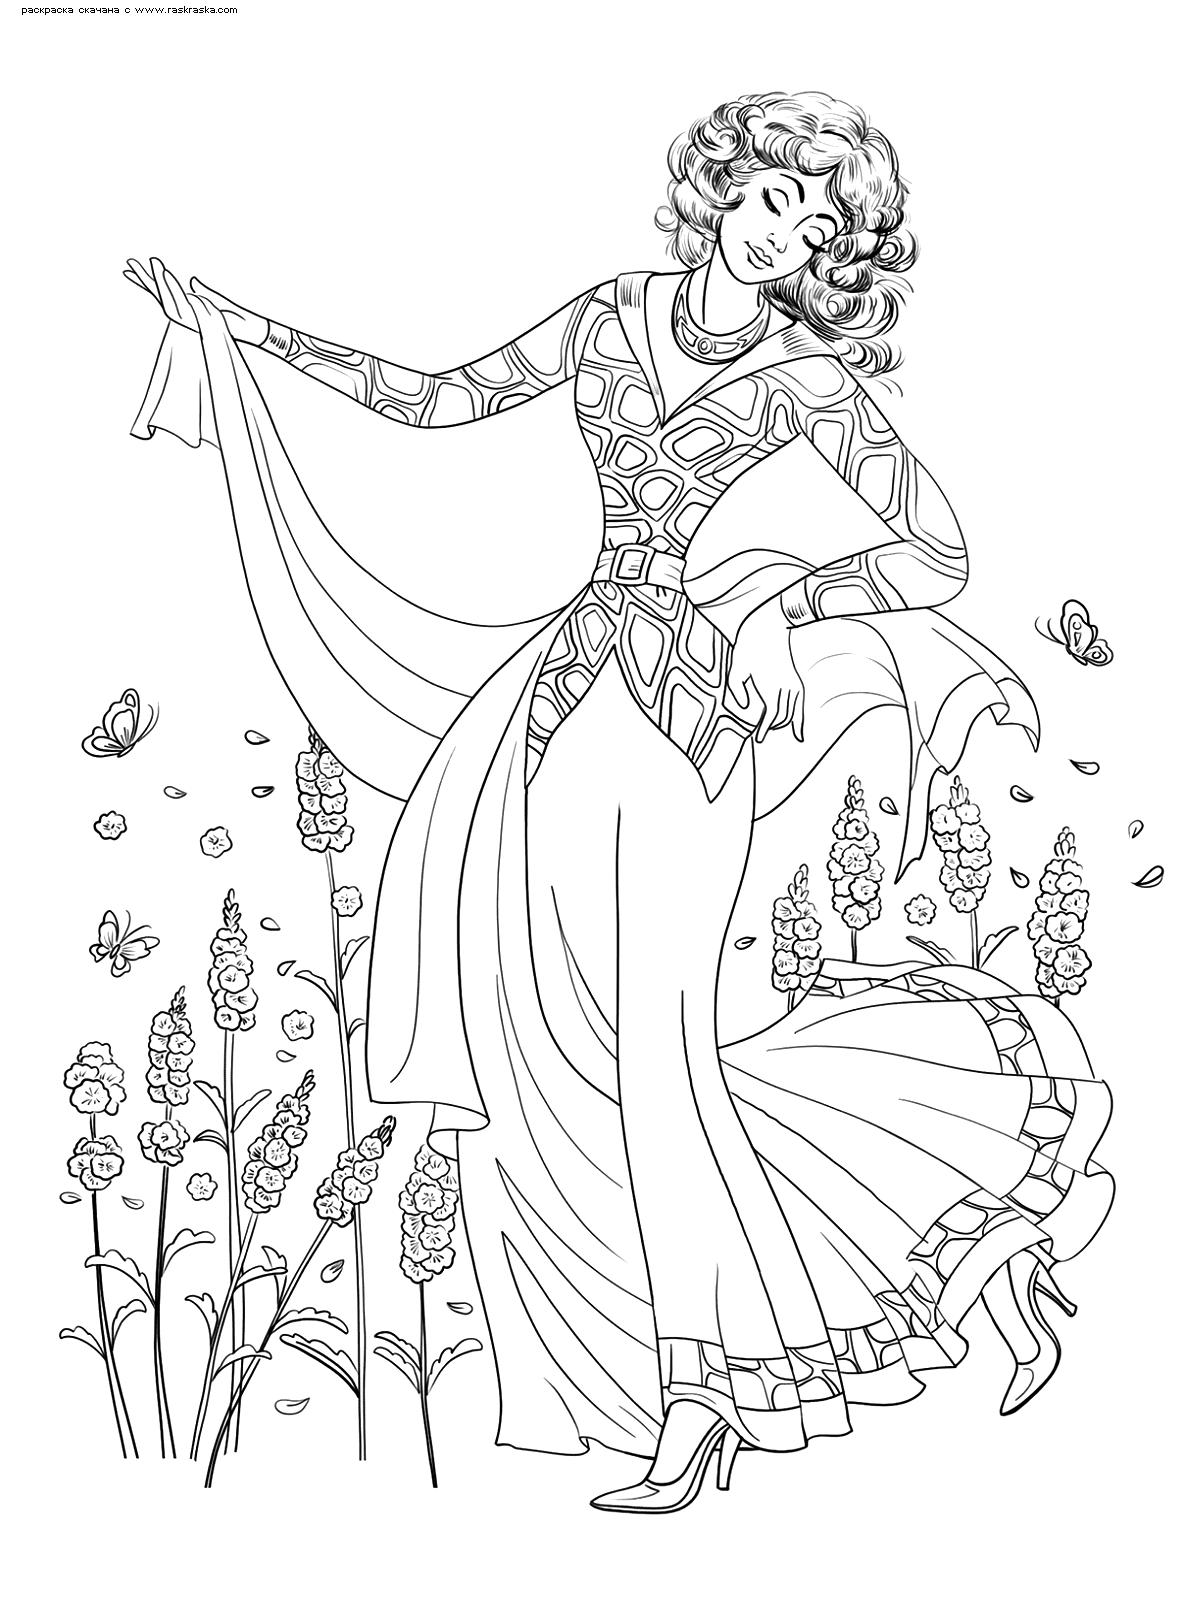 Раскраска Элегантная дама. Раскраска антистресс